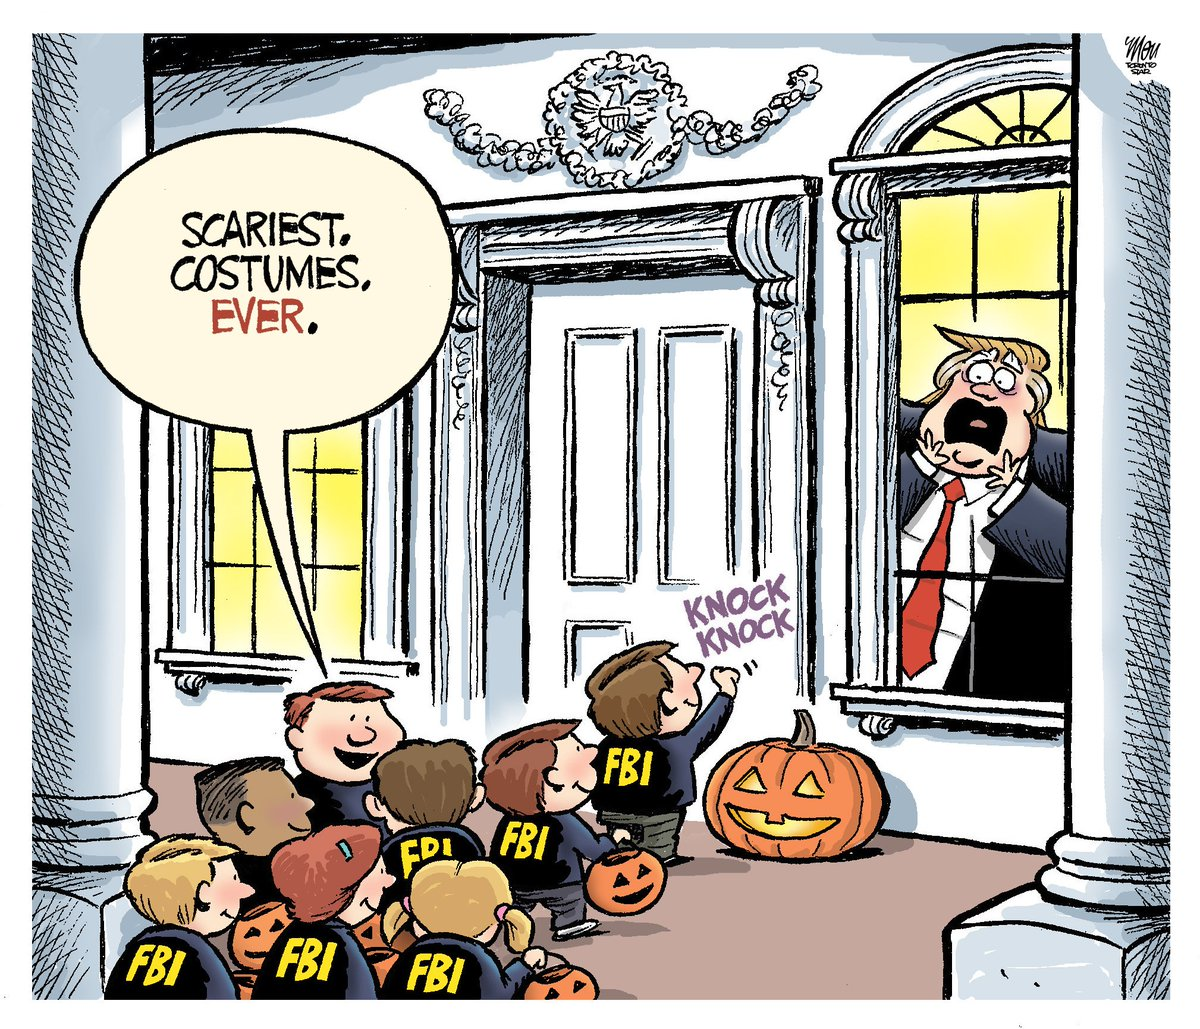 Here's today's #DonaldTrump #Halloween  cartoon in @TorontoStar